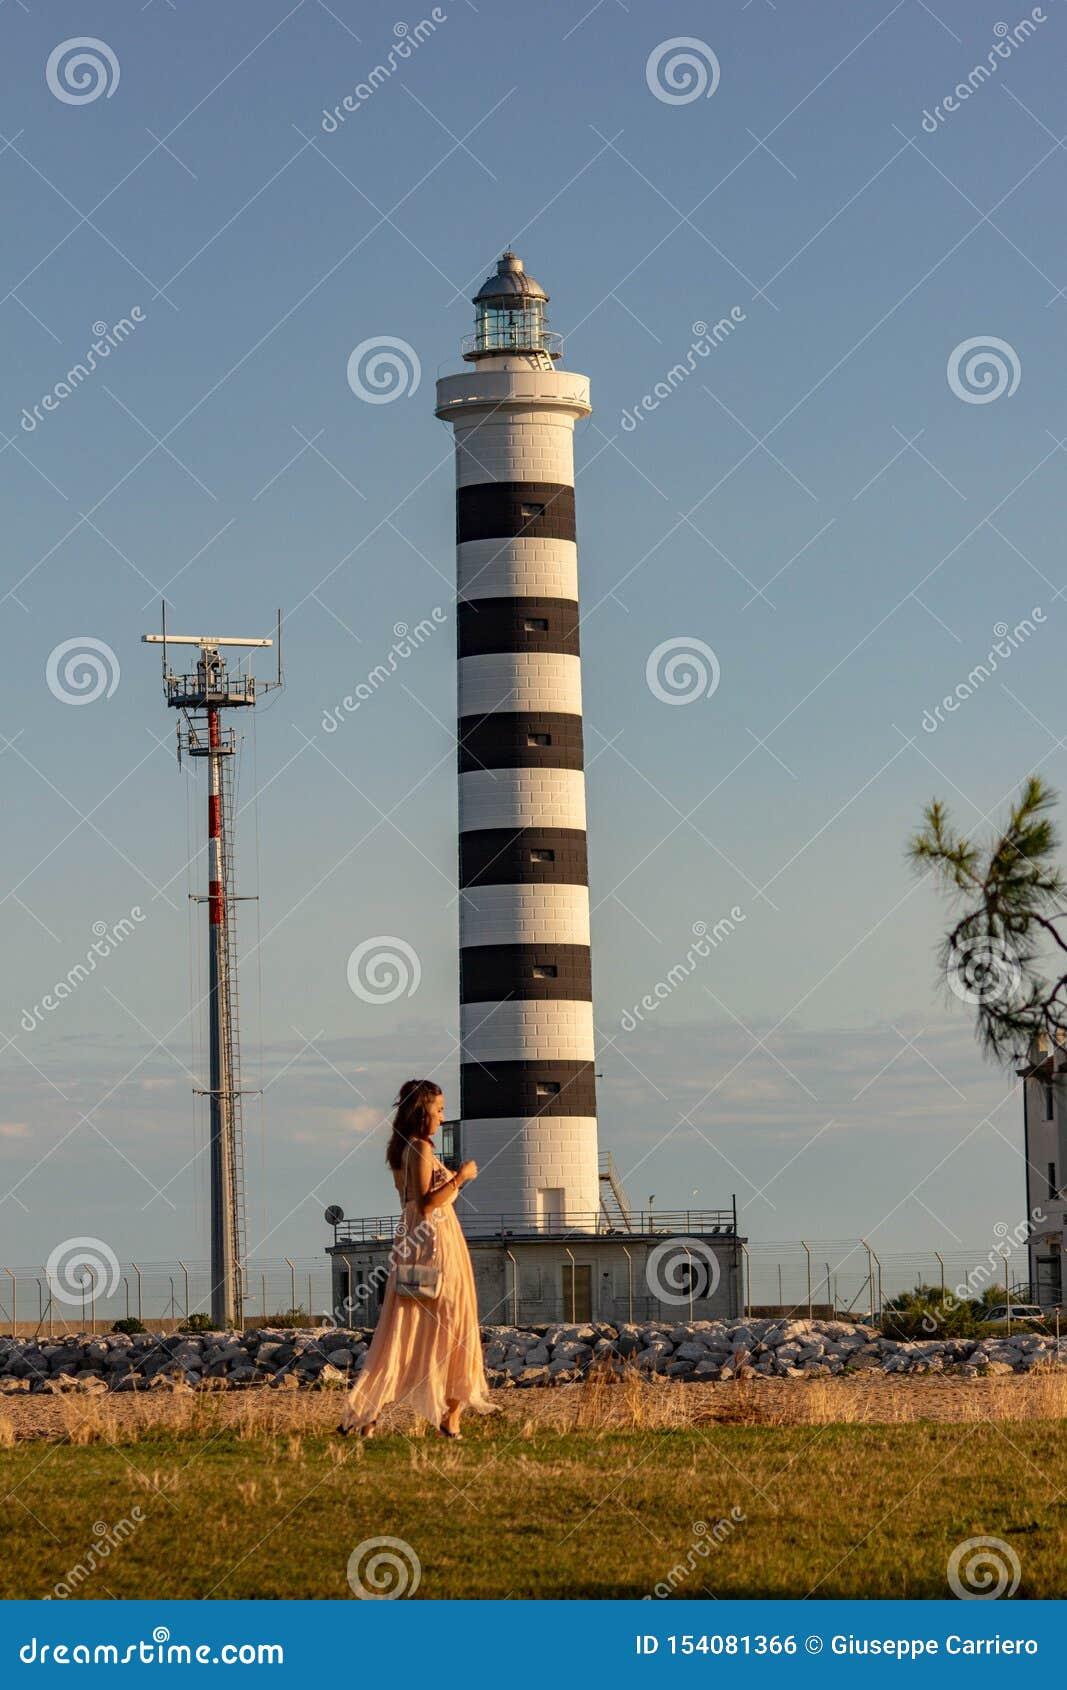 Le phare de Piave Vecchia est situé à la bouche du Sile, a appelé, avec précision, le port de Piave Vecchia, dans le municipa